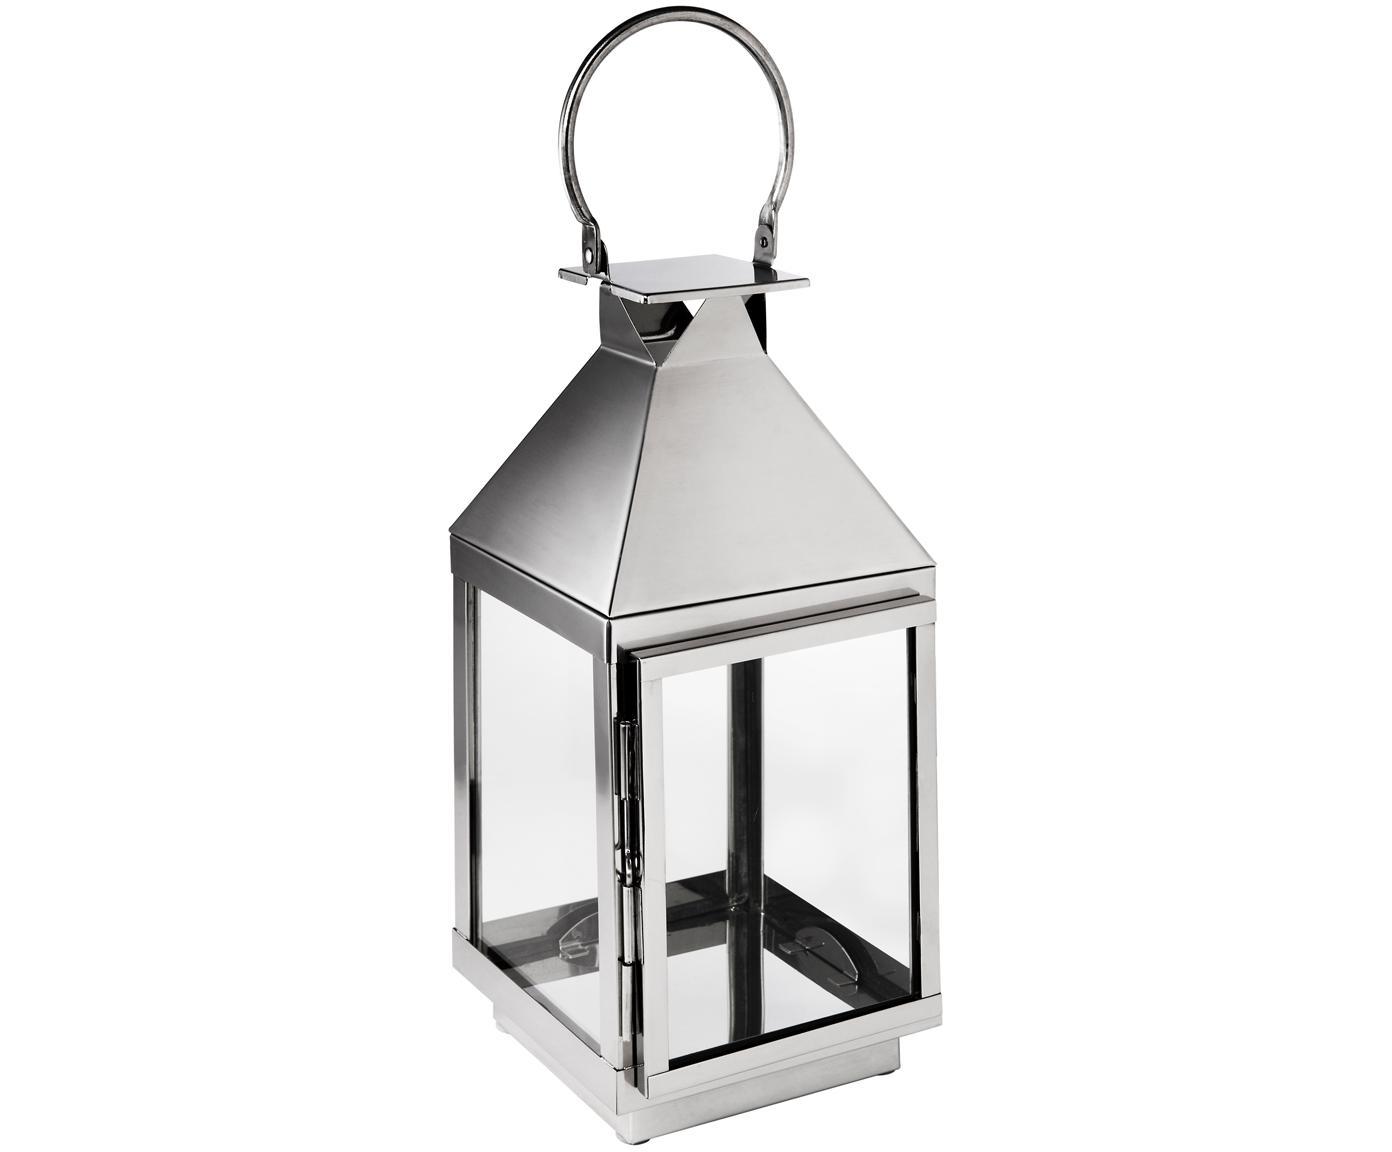 Lantaarn Grace, Hoogglans gepolijst edelstaal, glas, Edelstaalkleurig, H 38 cm